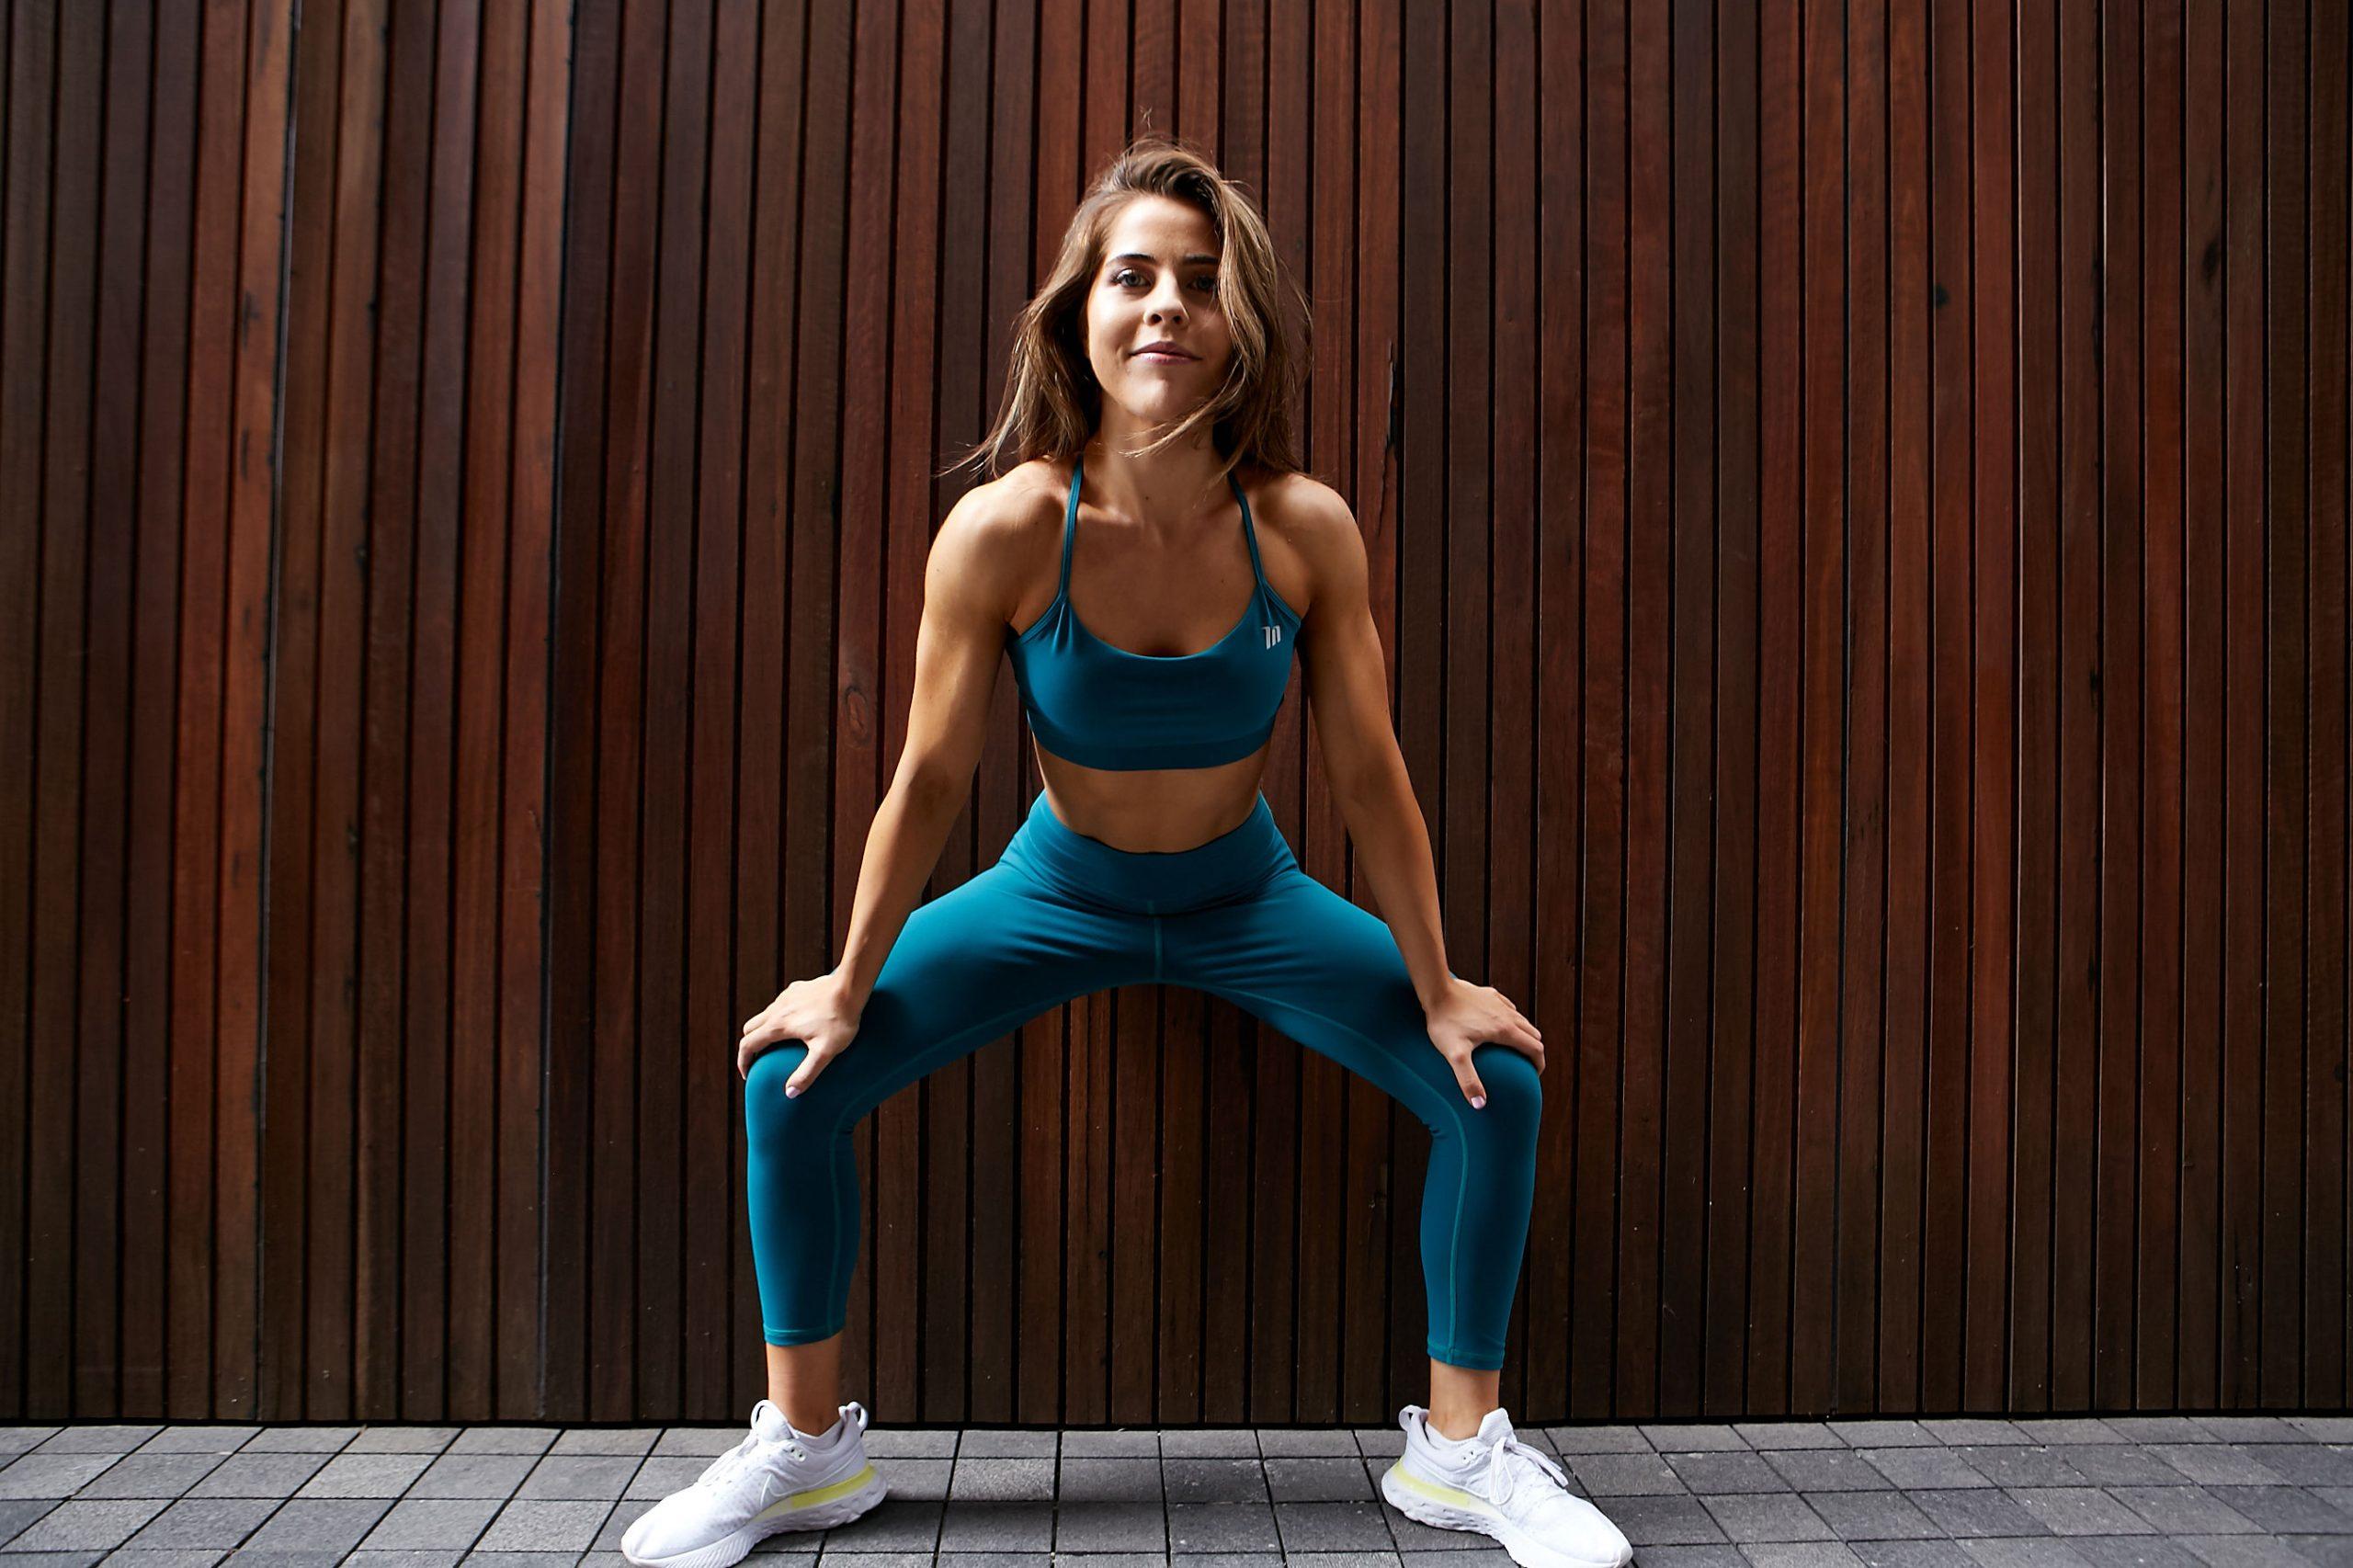 Natasha Sydney female fitness model and athlete resting scaled